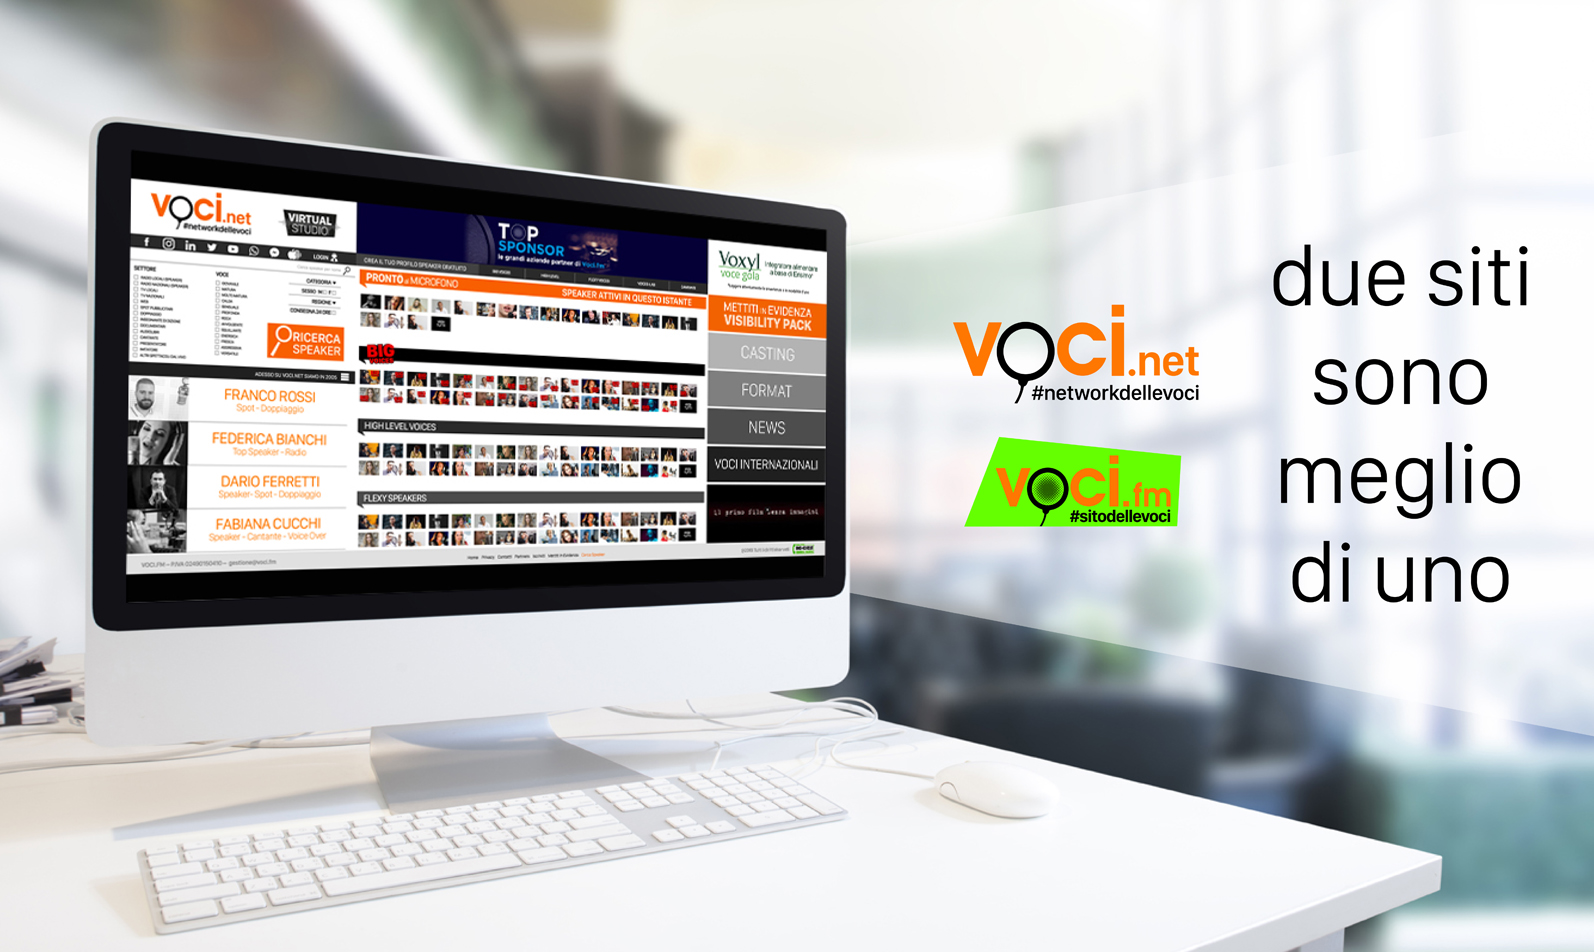 VOCInet lancio - Audioproduzioni. Voci.fm si sdoppia in Voci.net creando un motore di ricerca di 3000 speaker italiani